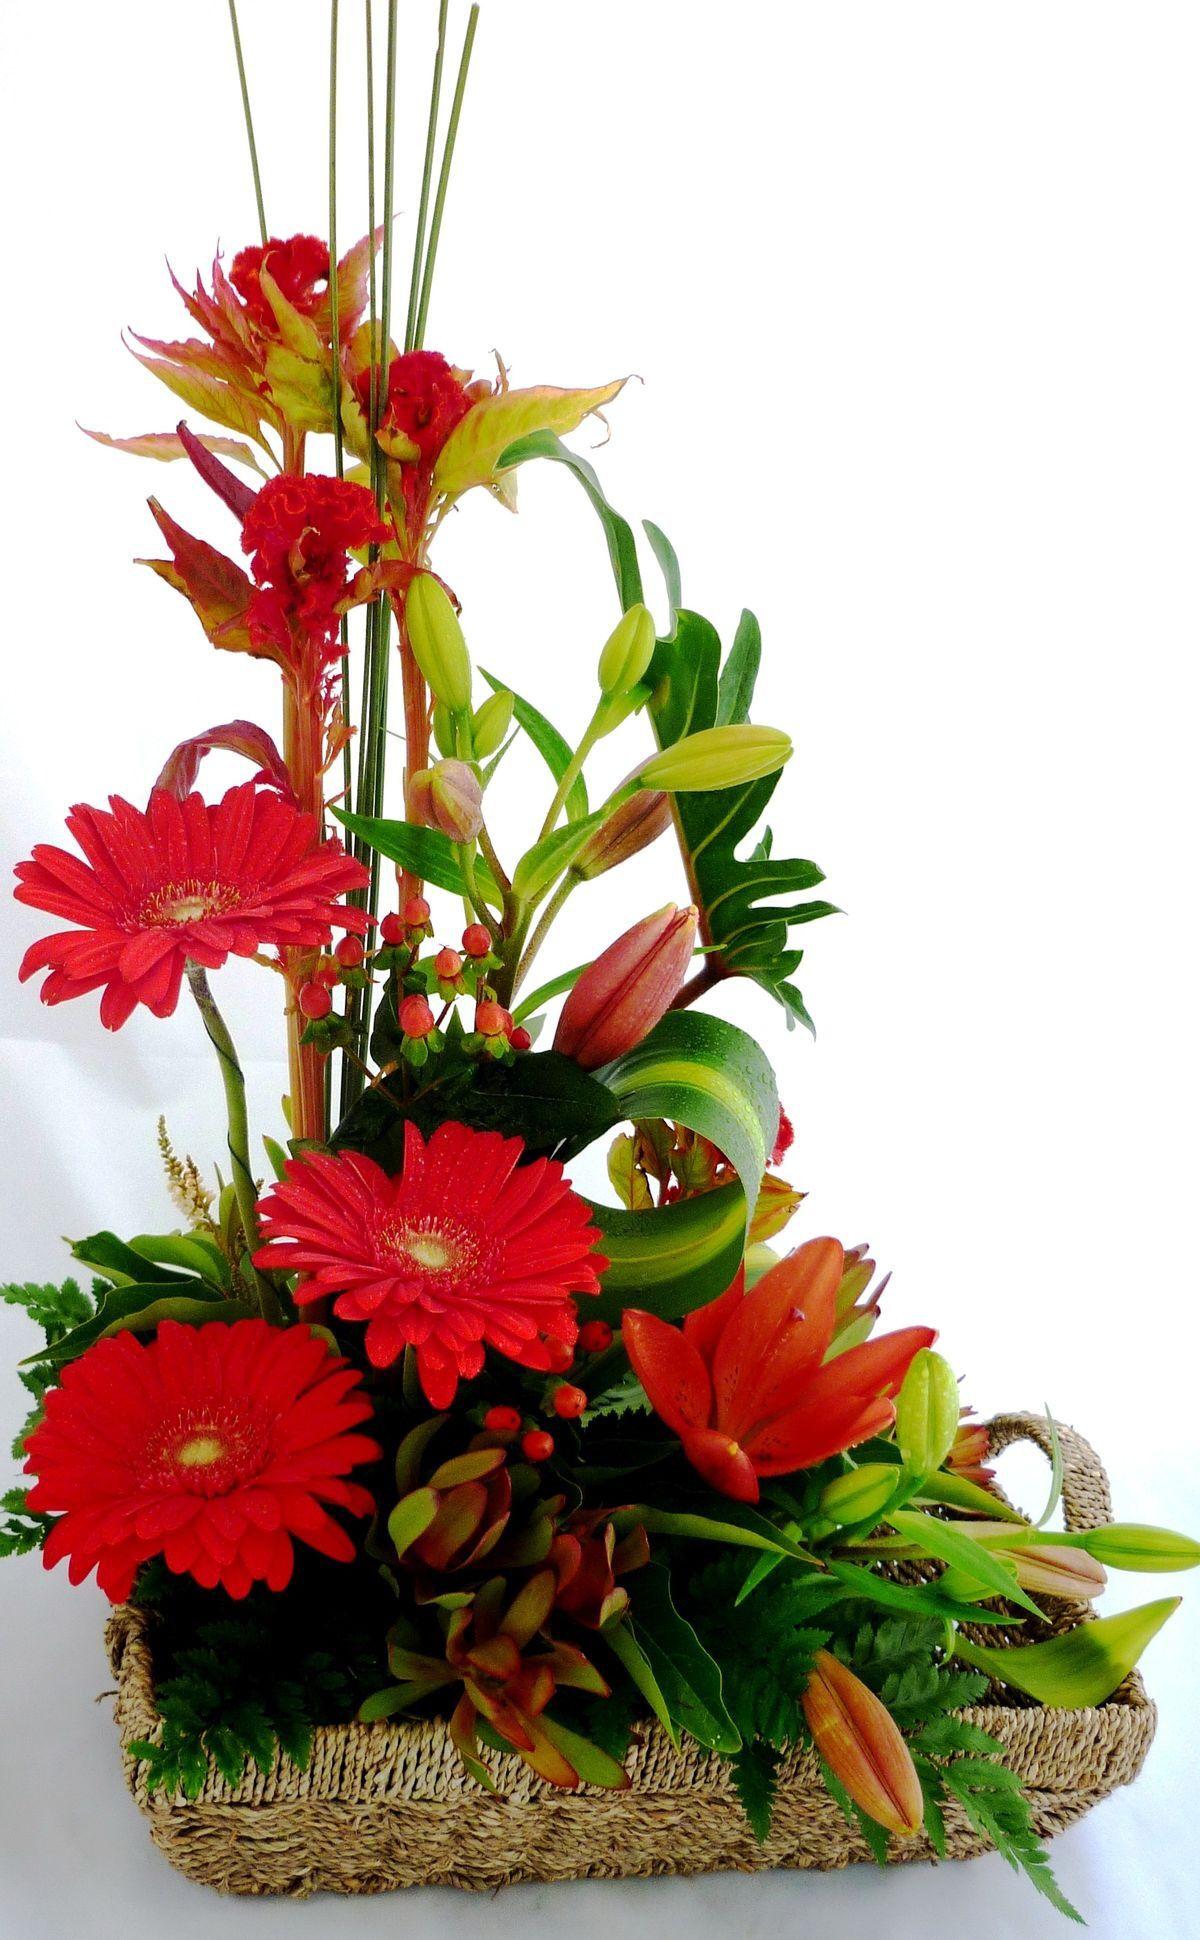 3 Gerberas Varas De Lilis Al Mismo Color Follaje Base En Cesta De Mimbre Arreglos Florales Sencillos Arreglos Florales Arreglos Florales Faciles